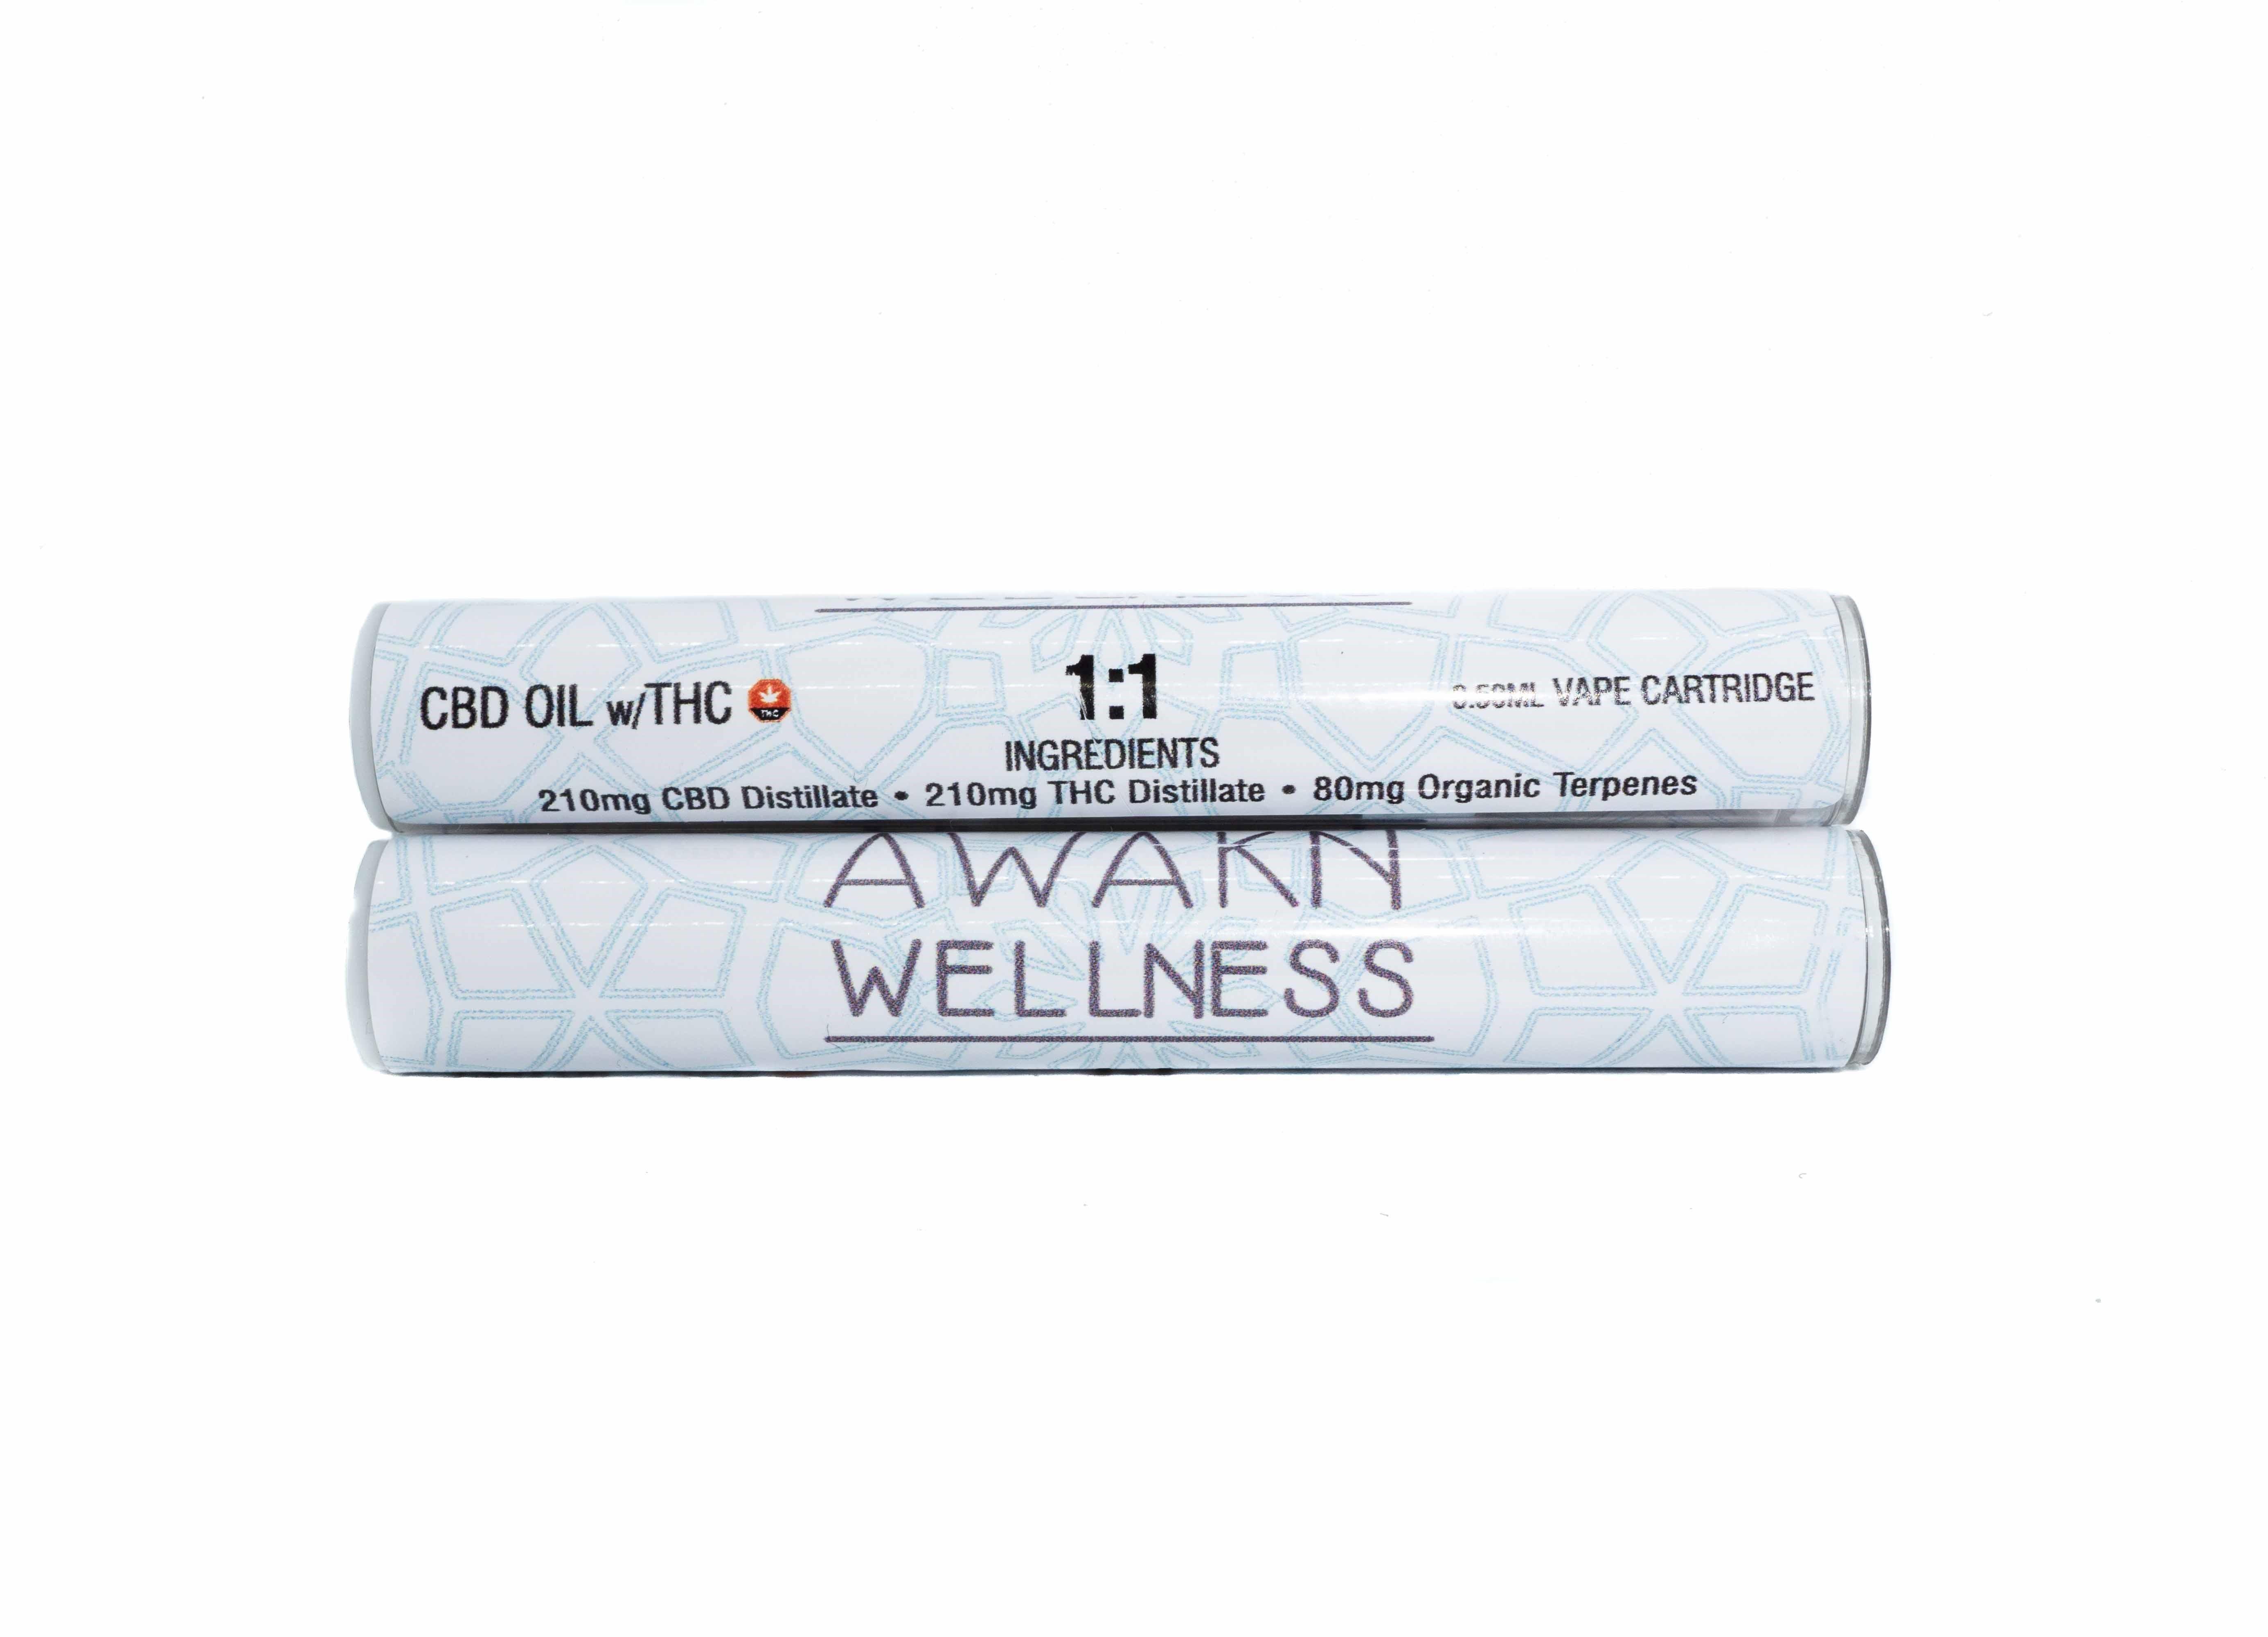 1:1 Original (Full Spectrum) CBD Replacement Cartridge by Awakn Wellness 01346